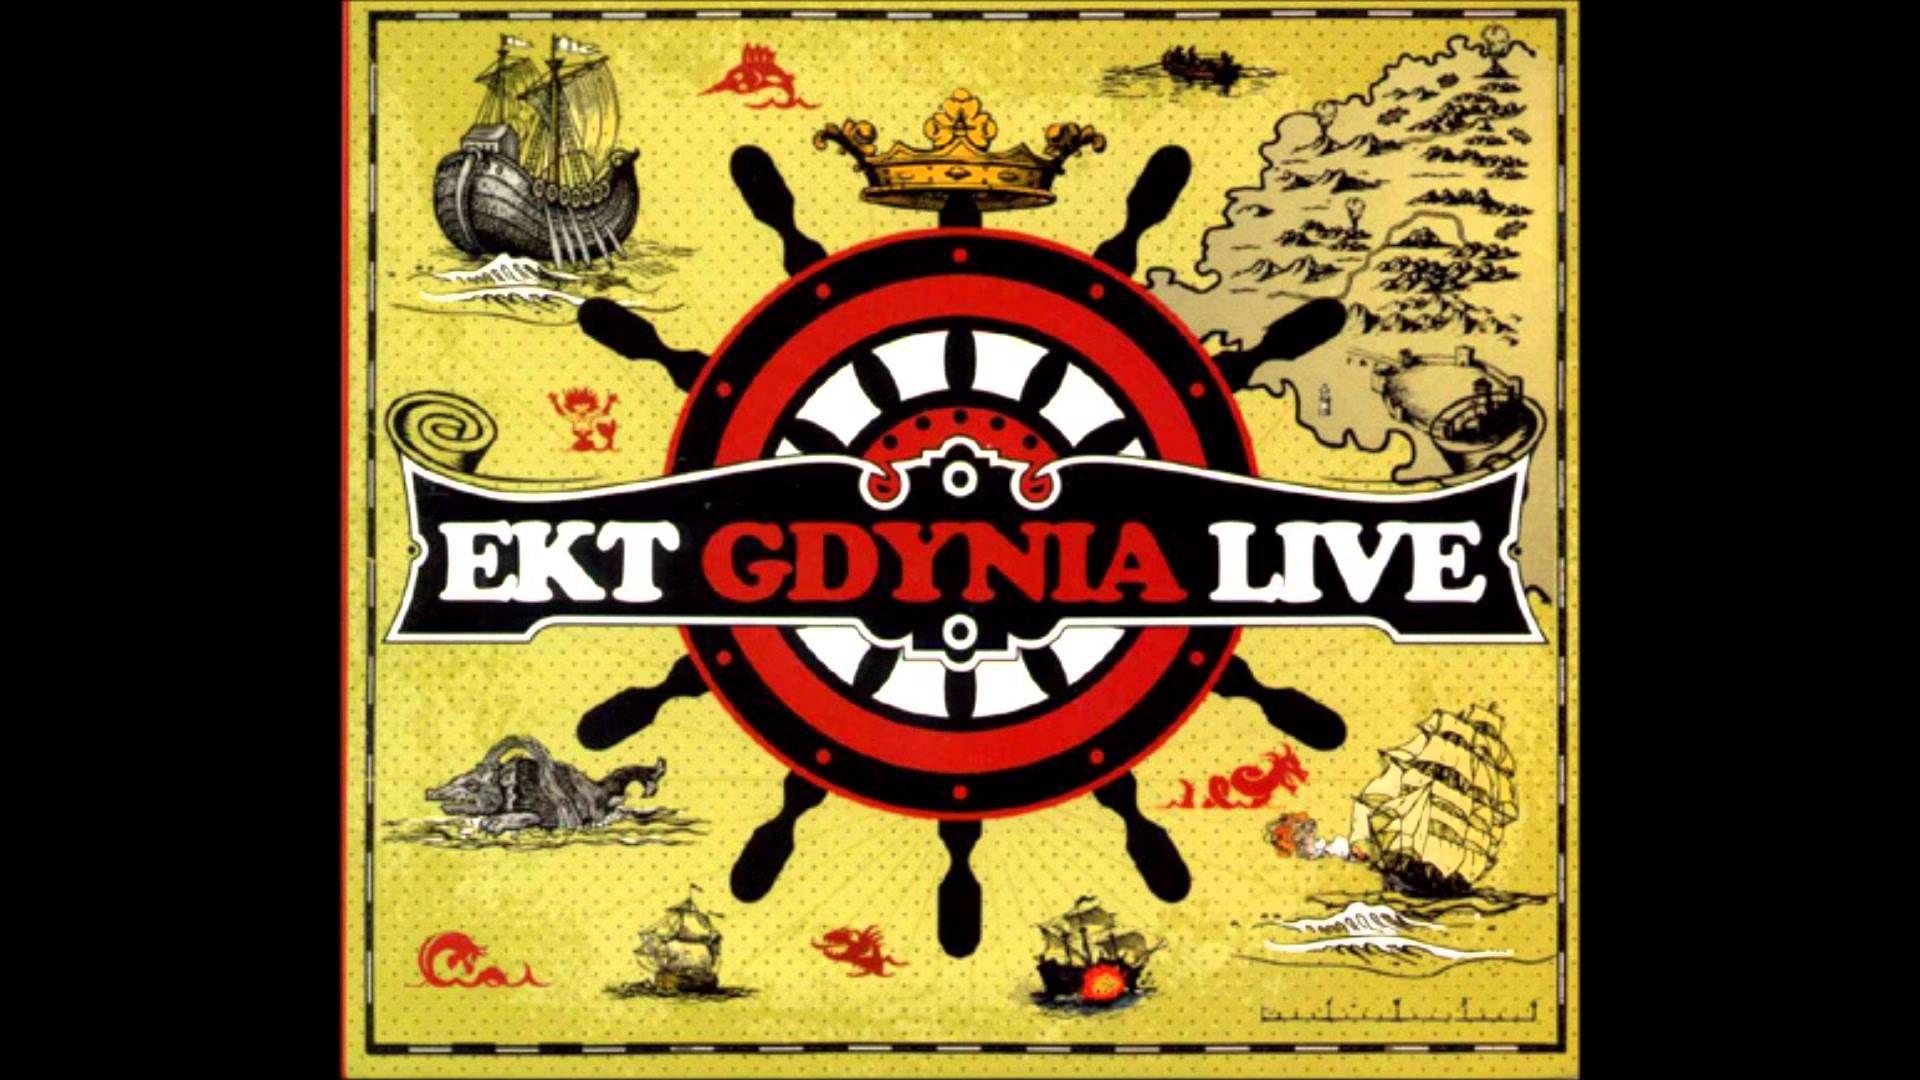 Ekt Gdynia Live Piosenka Dla Mojej Dziewczyny Motor Oil